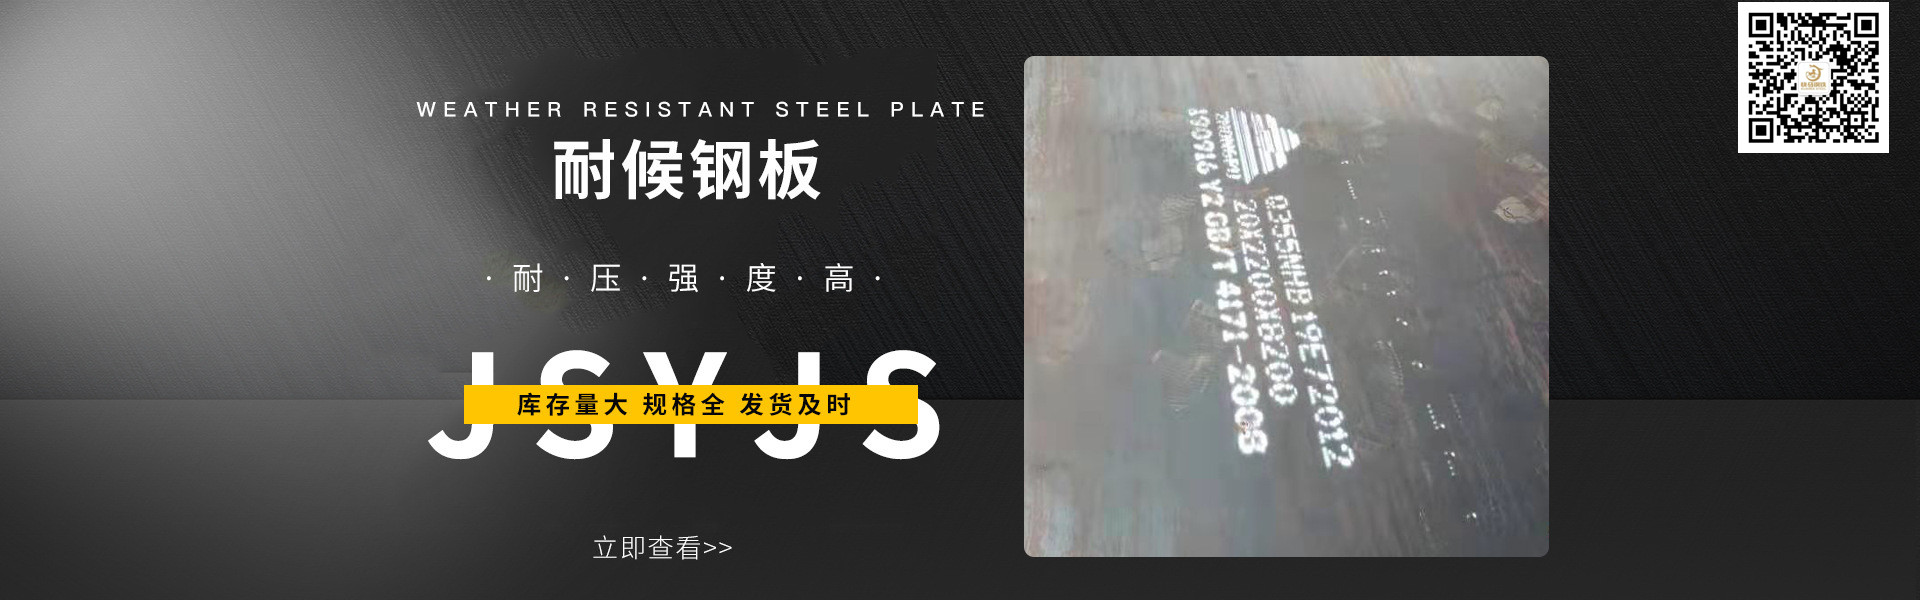 耐候锈钢板加工